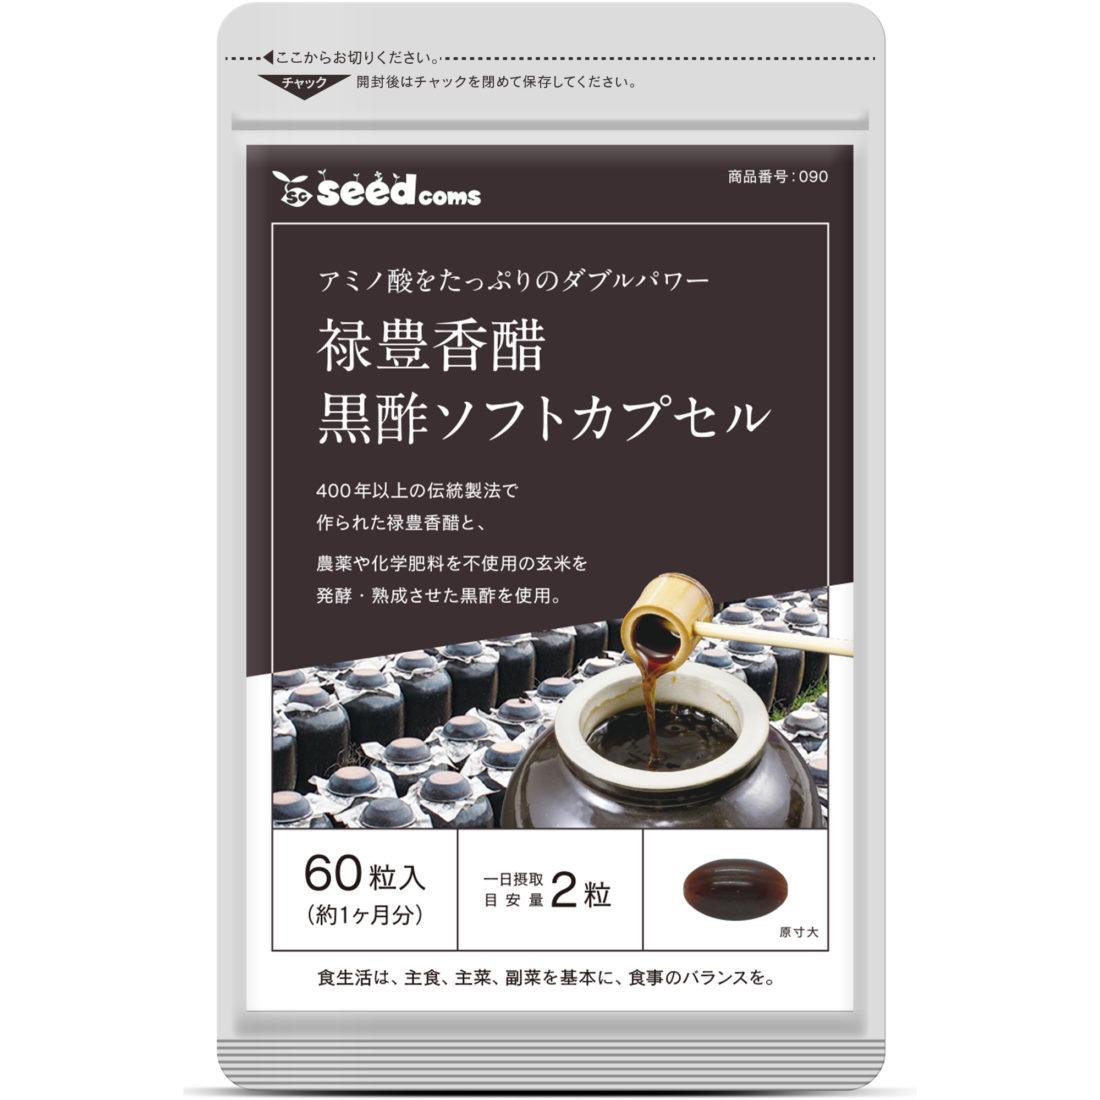 香酢 シードコムス seedcoms